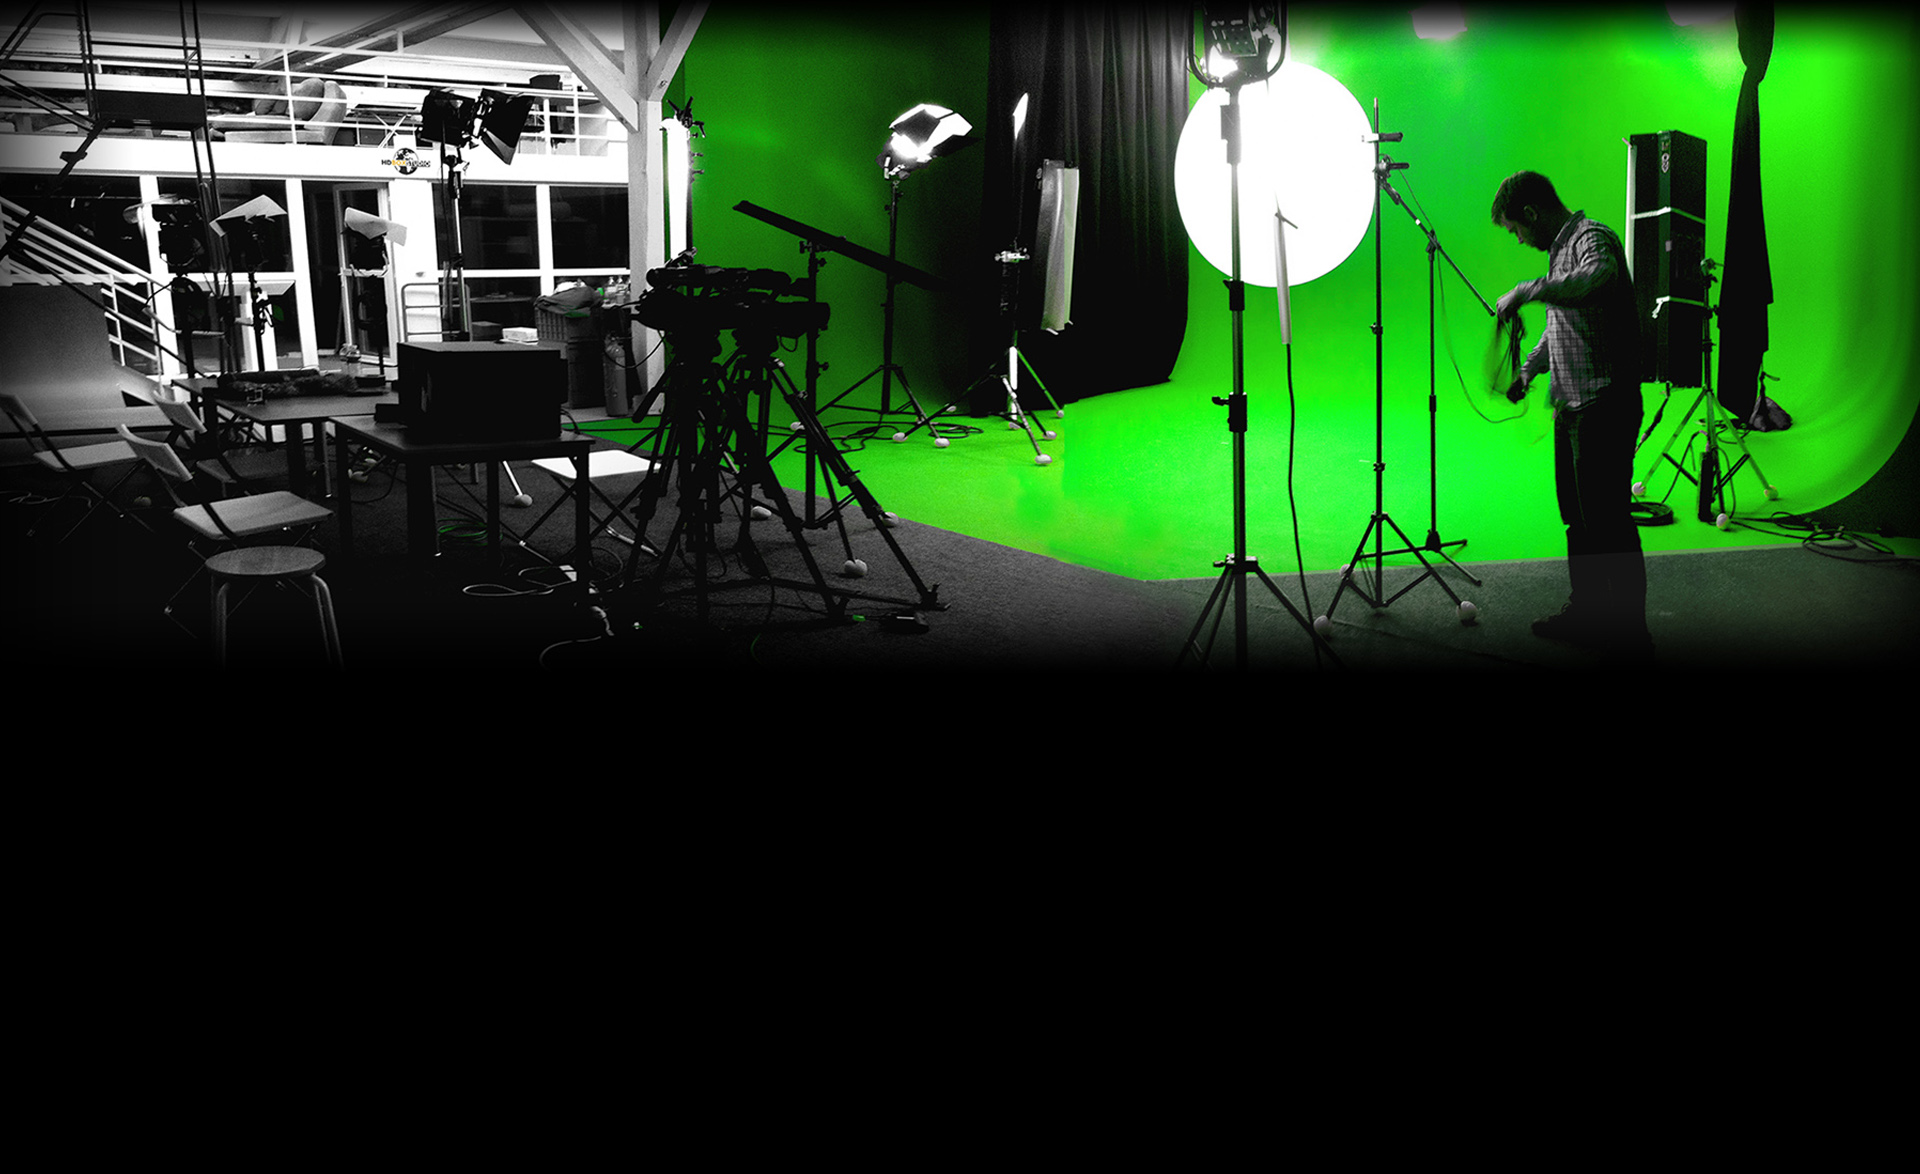 Location d'un studio fond vert à Paris: Réussir son shooting photo